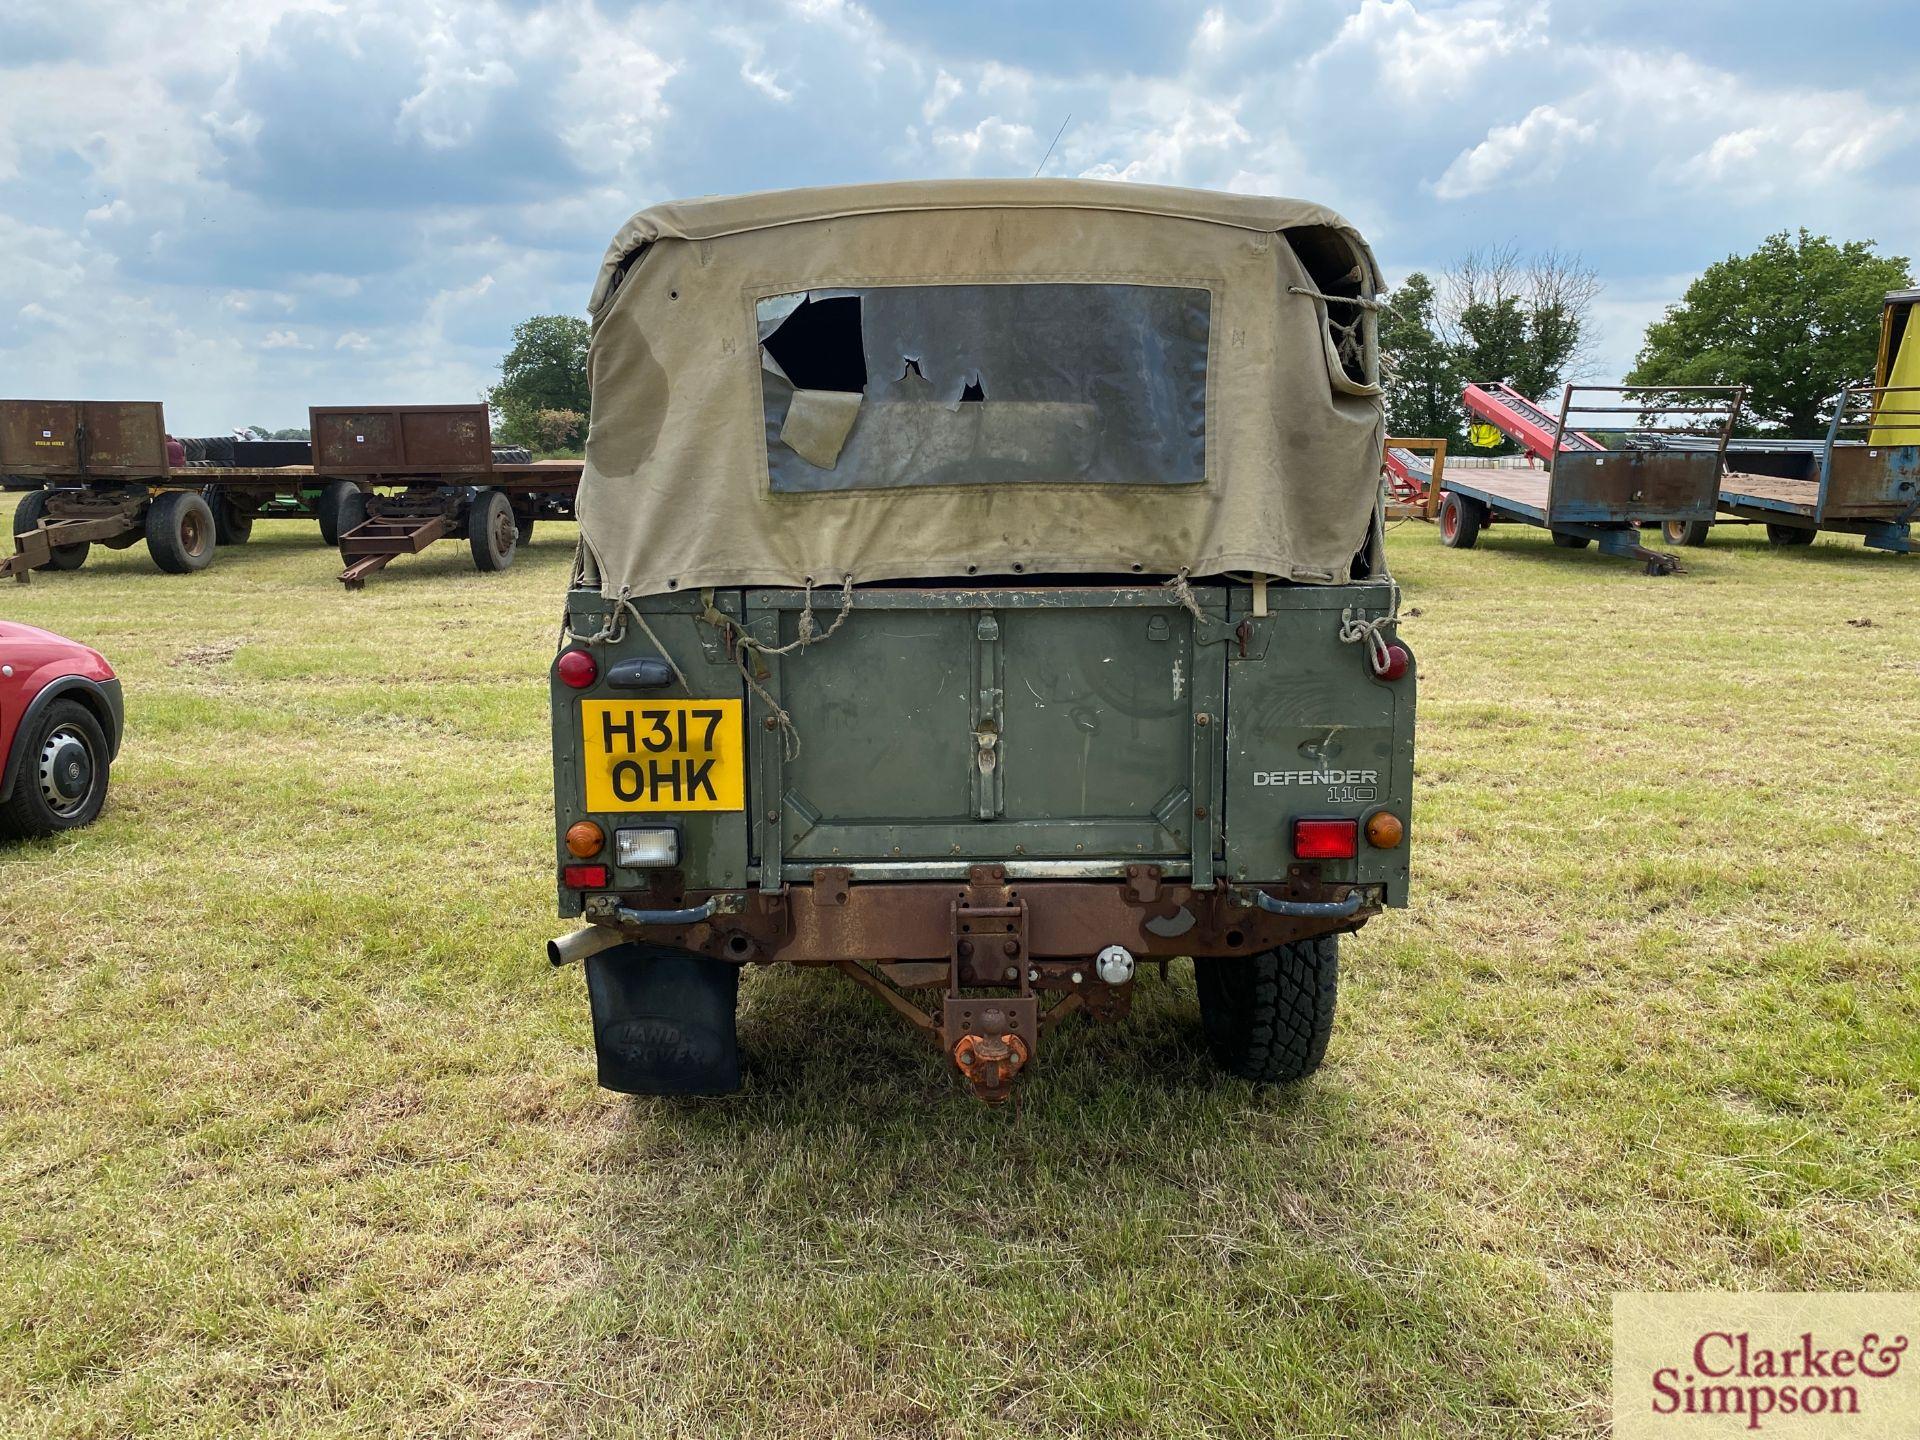 Land Rover Defender 110 single cab pick-up. Registration H317 OHK. Date of first registration 08/ - Image 6 of 56